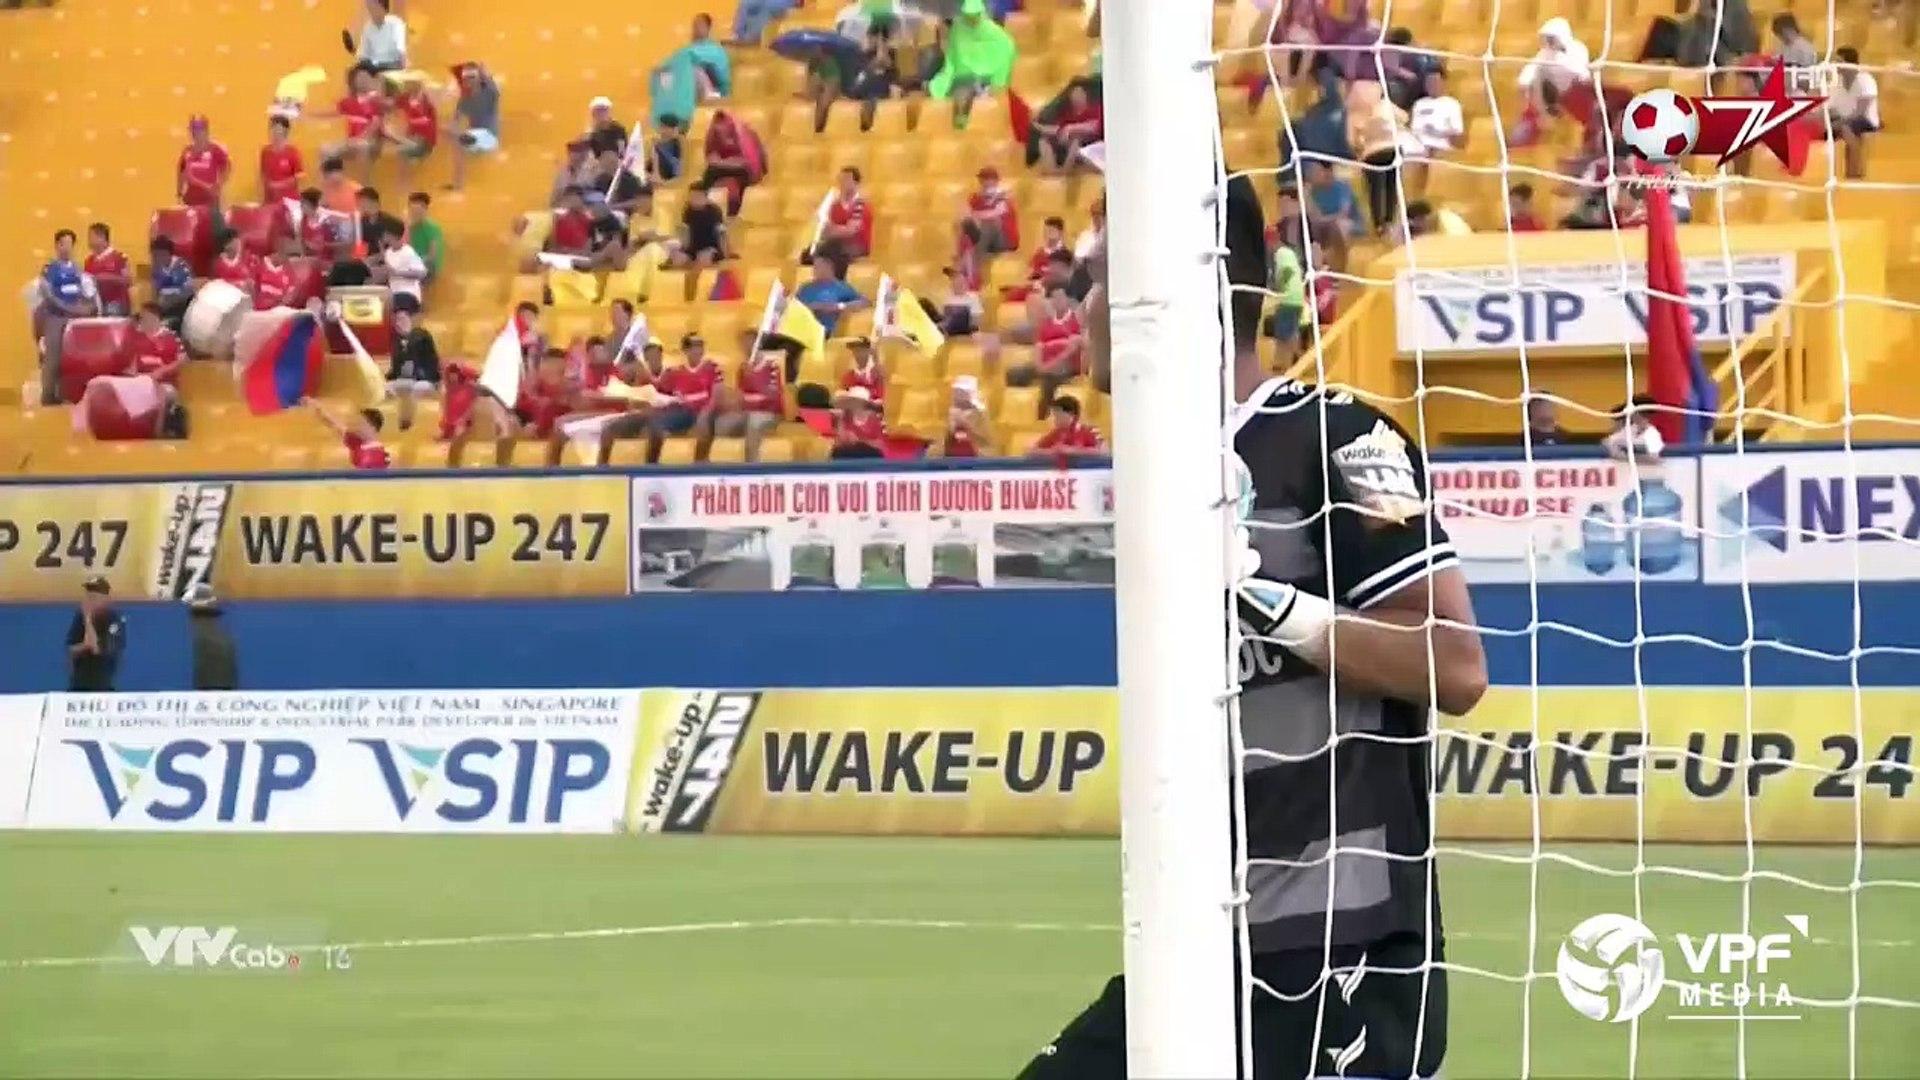 Đại chiến trong mưa, Bình Dương giành chiến thắng trong trận cầu 6 điểm với Khánh Hòa | VPF Media